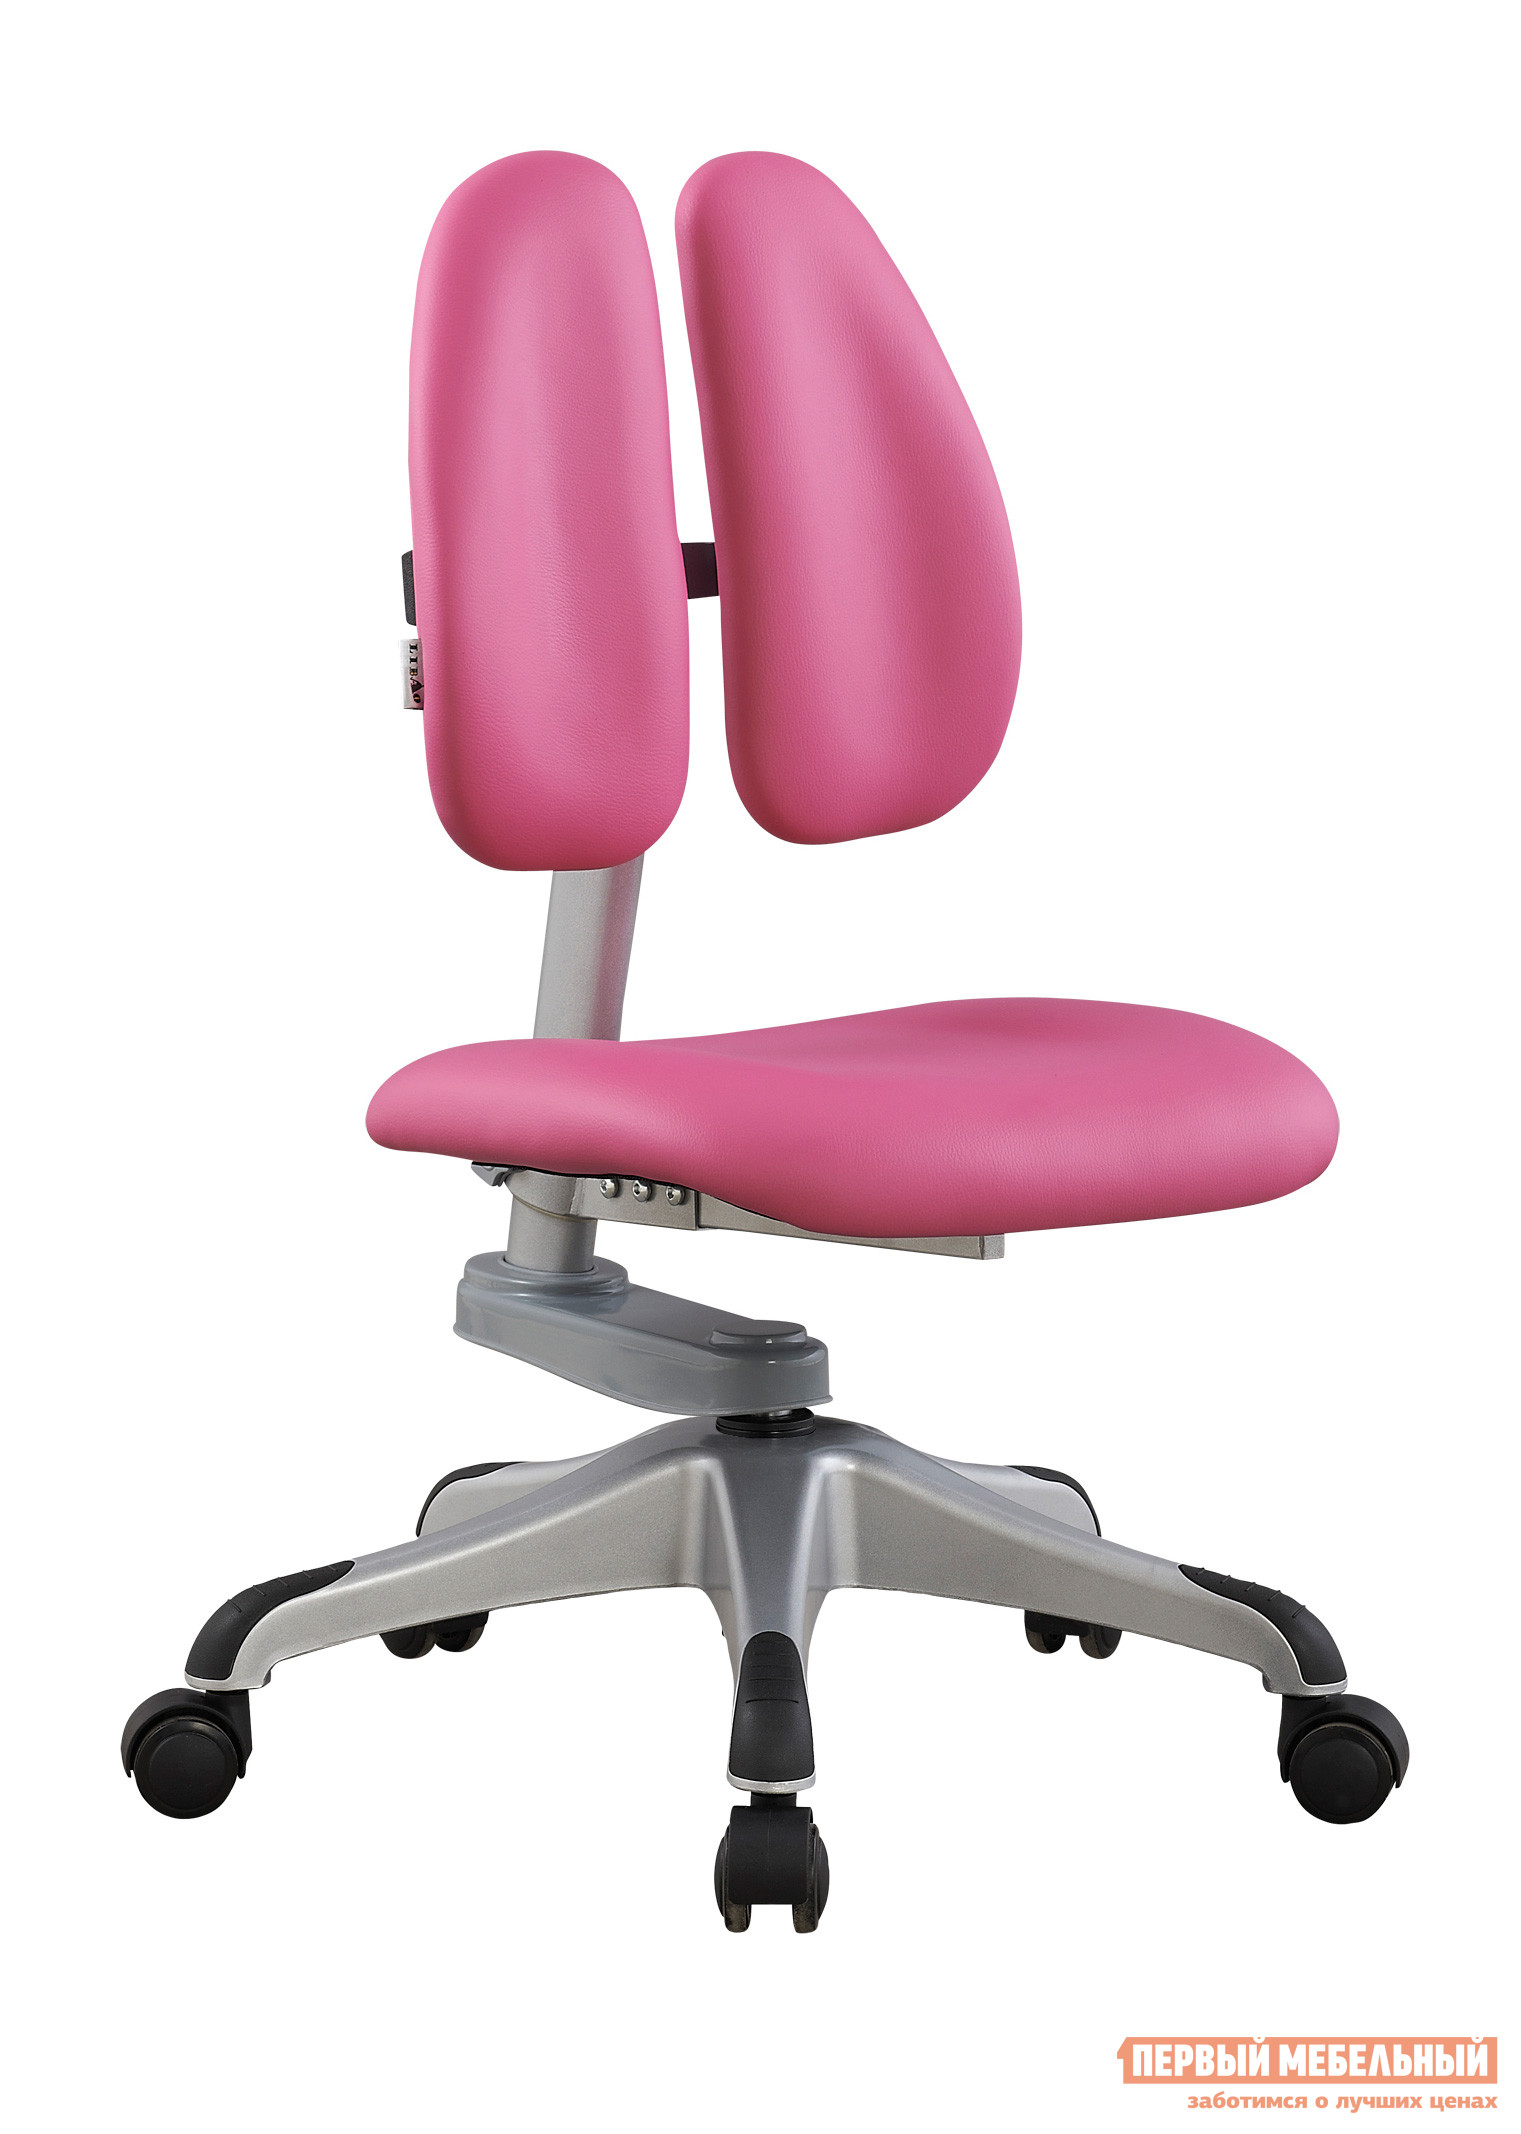 Детское компьютерное кресло Либао LB-C07 цена